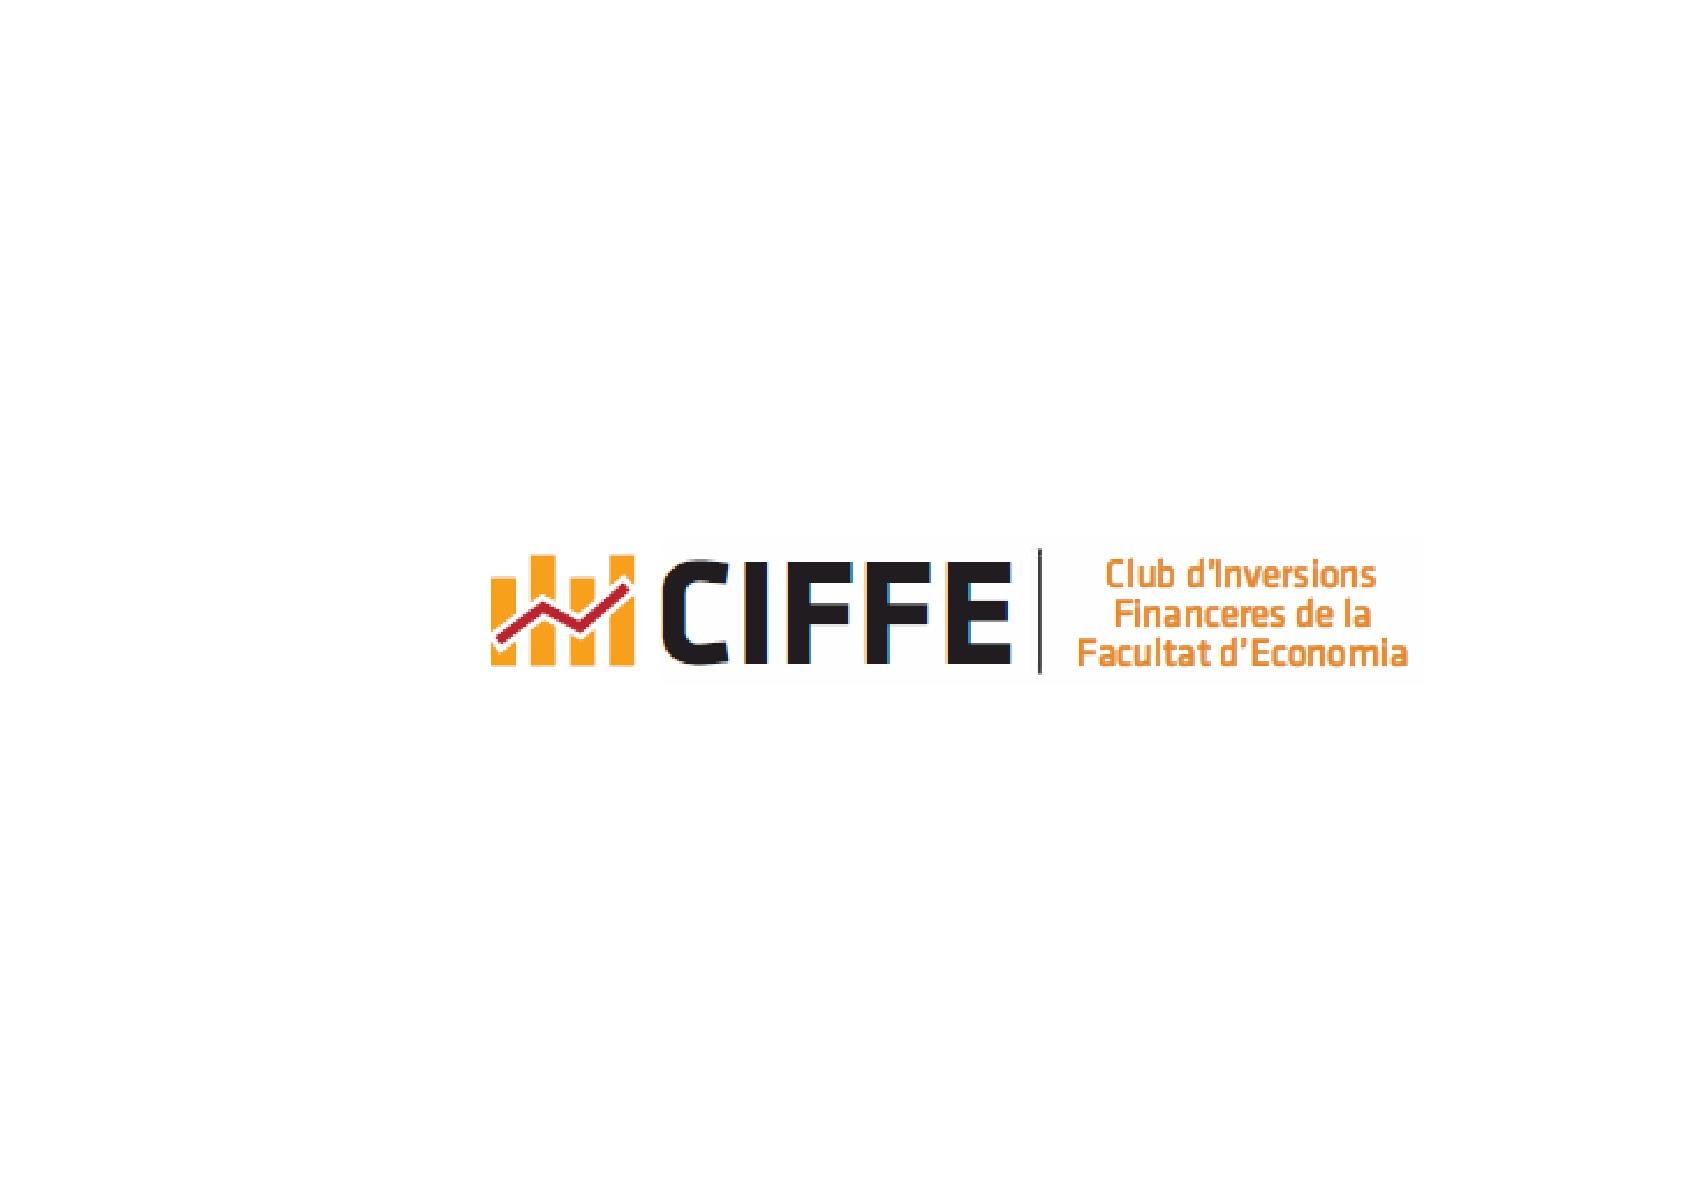 logo ciffe